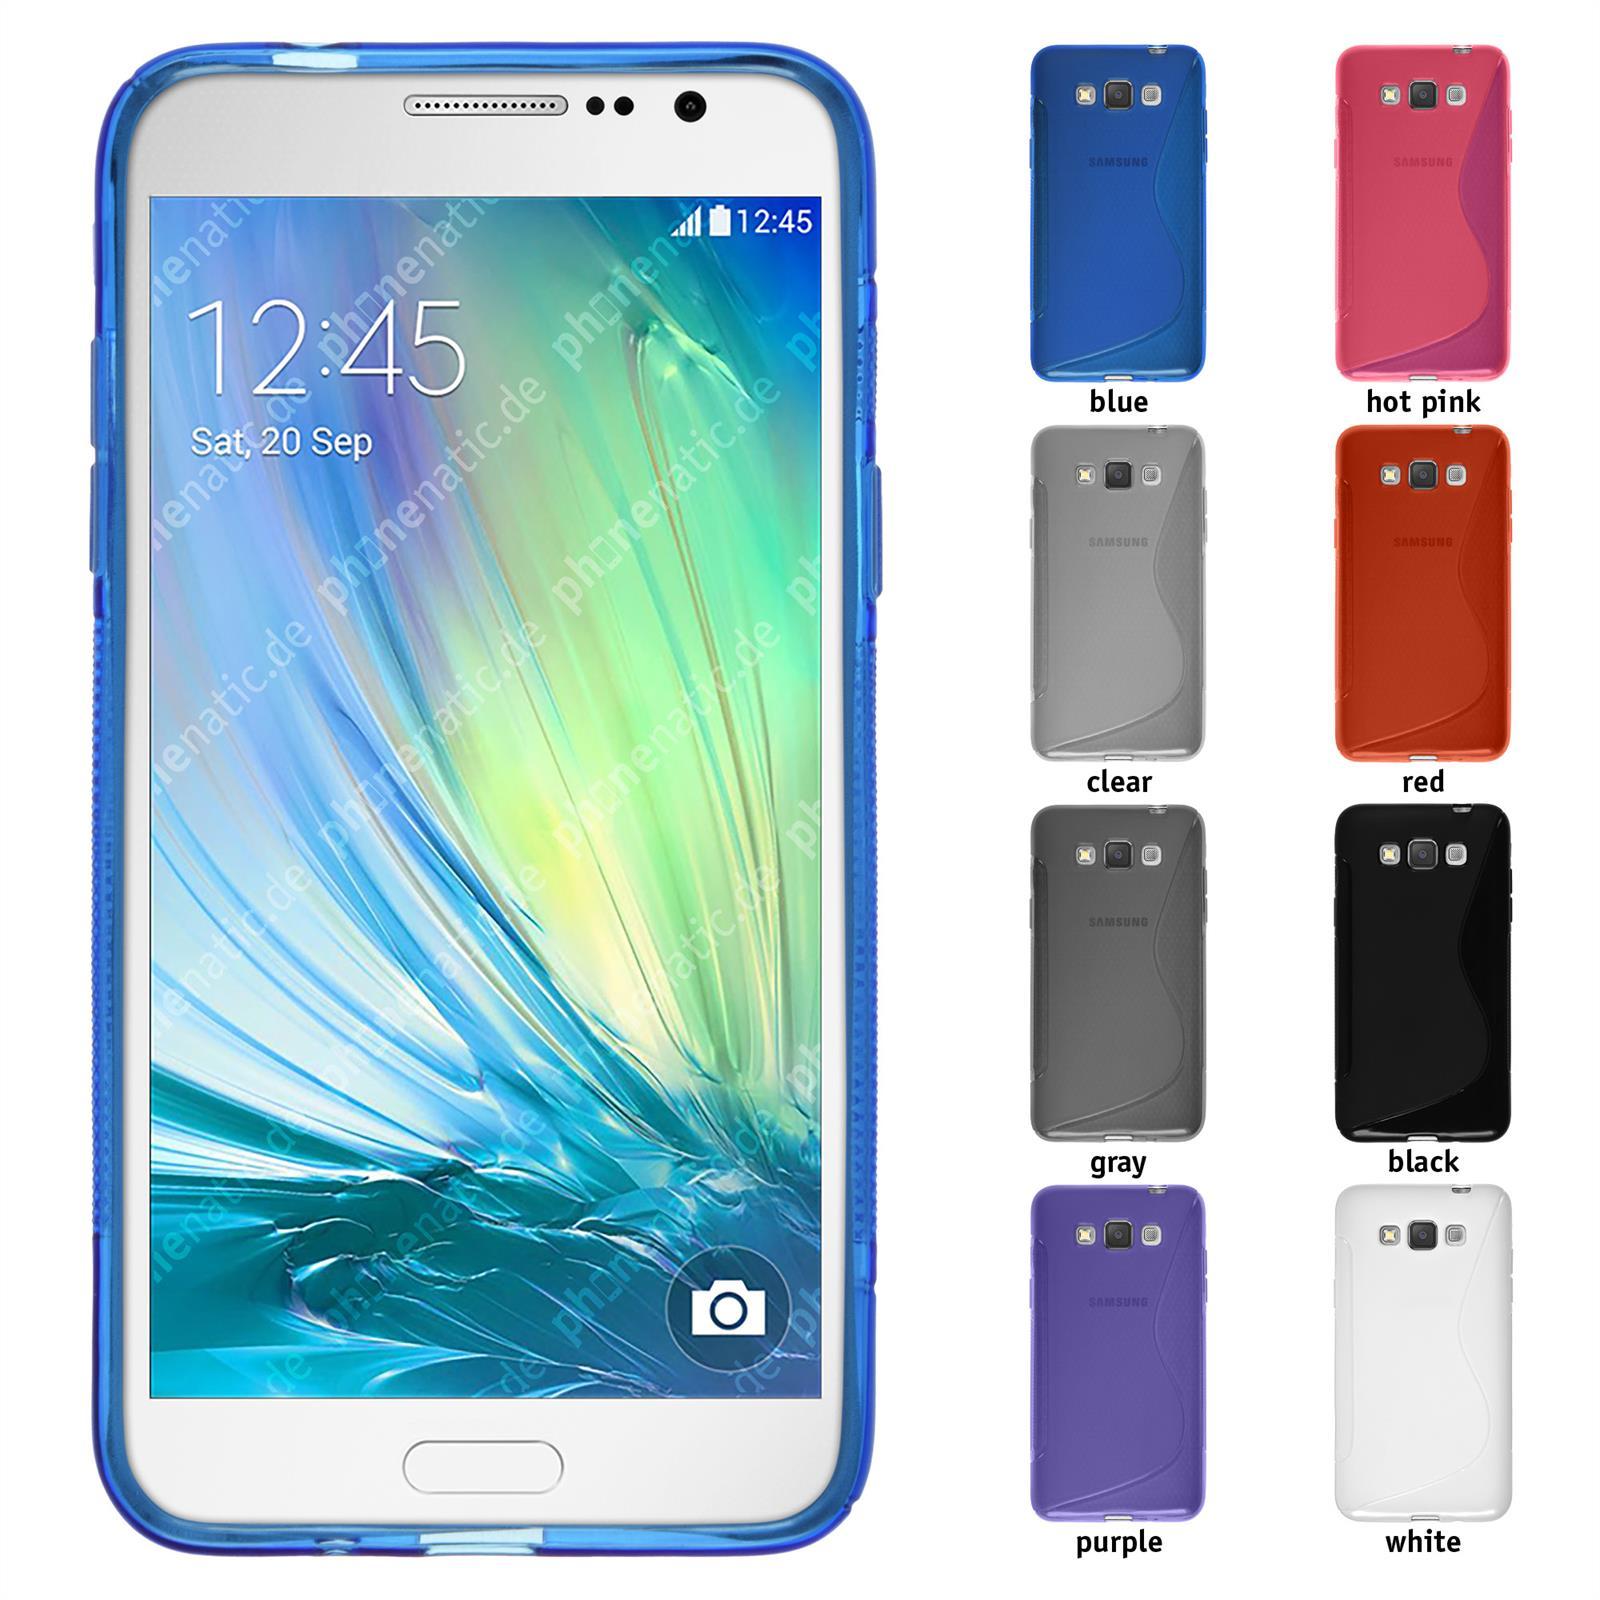 Funda-De-Silicona-Para-Samsung-Galaxy-S-Style-Cover-Case-Protector-De-Pantalla